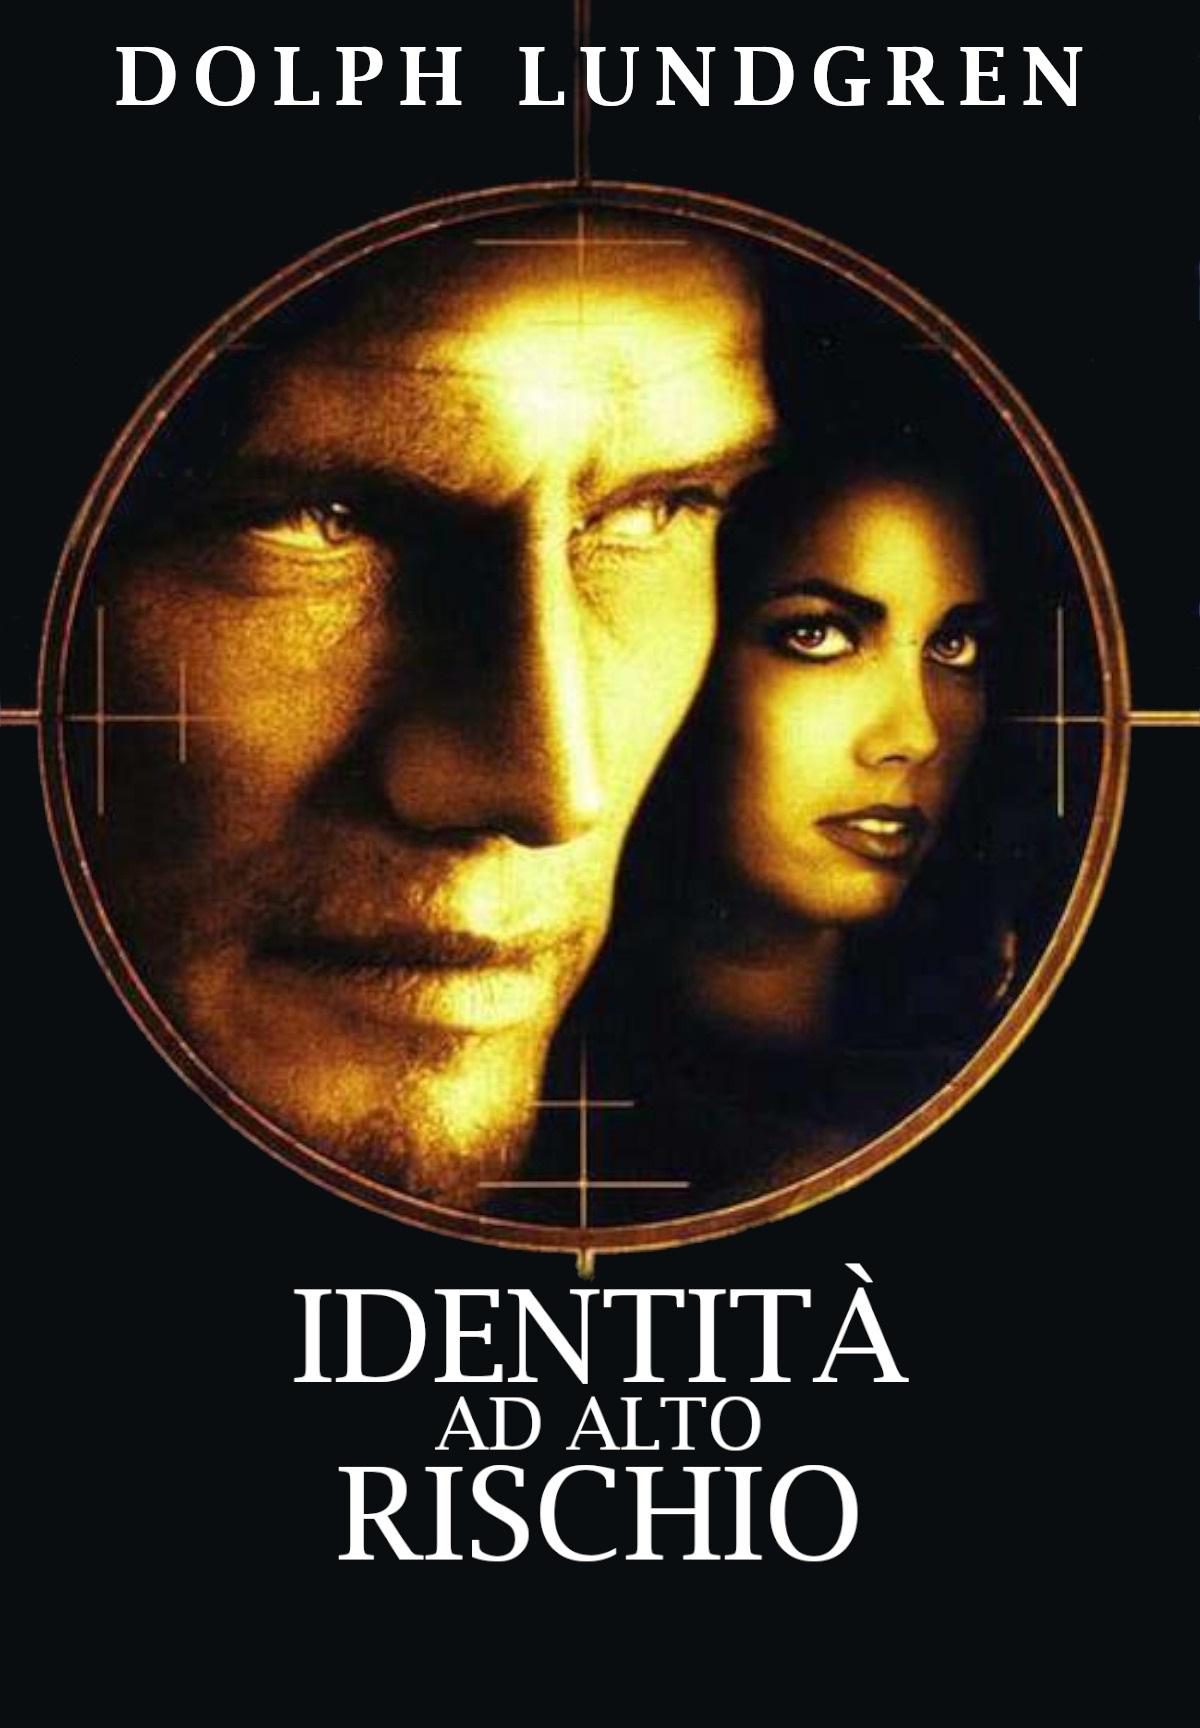 Identità ad alto rischio (2001)